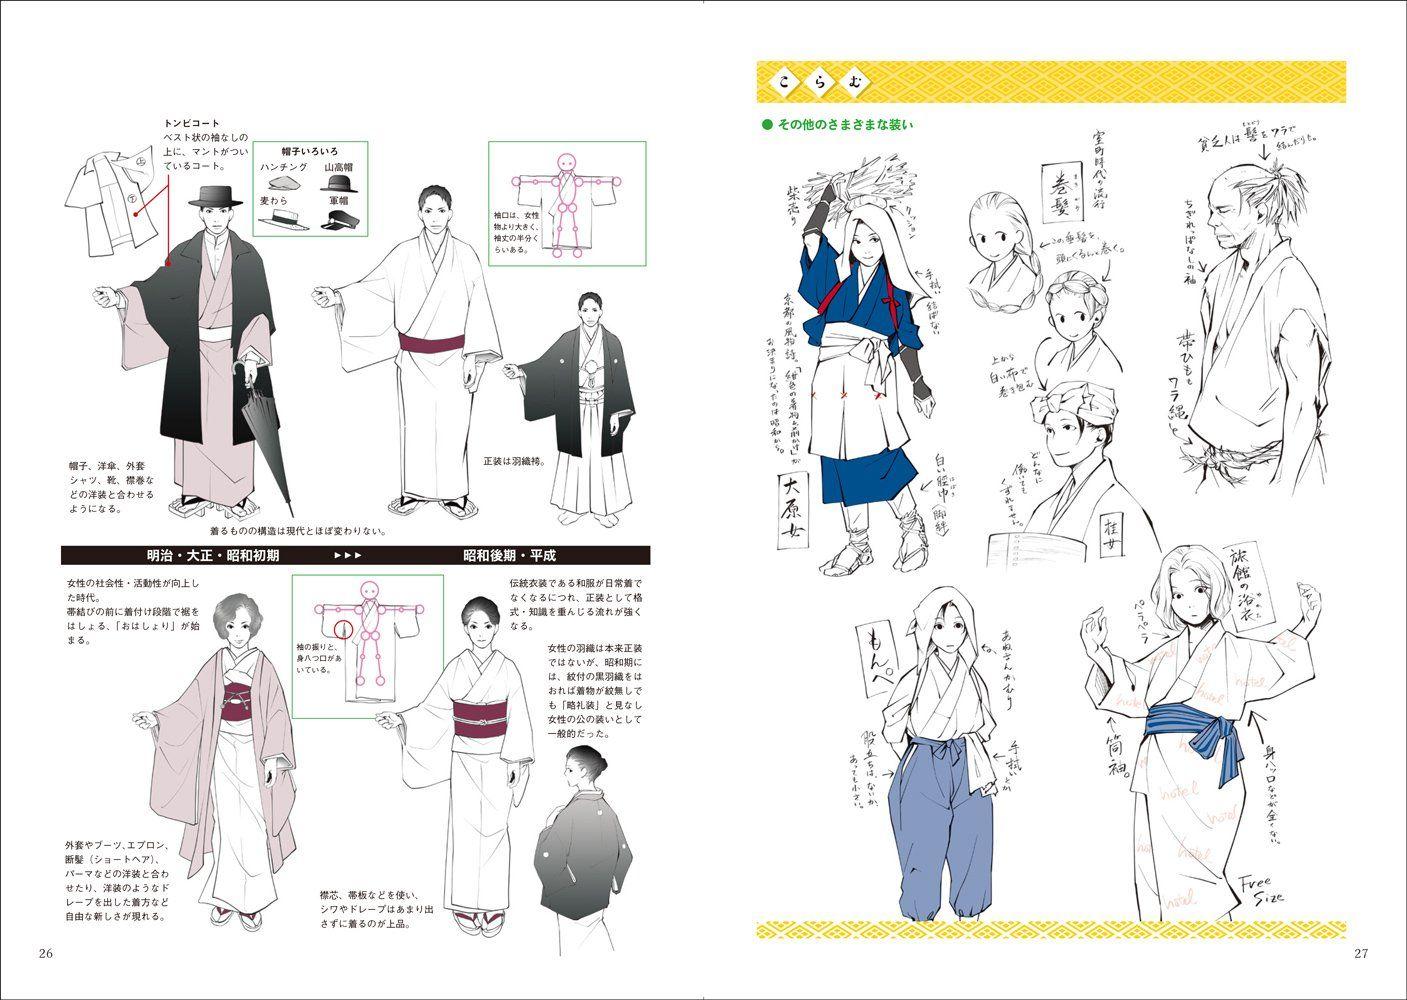 和装の描き方 玄光社mook Yanami 二階乃書生 Jukke 菊地ひと美 八條忠基 本 Amazon Co Jp 描き方 玄光社 書生